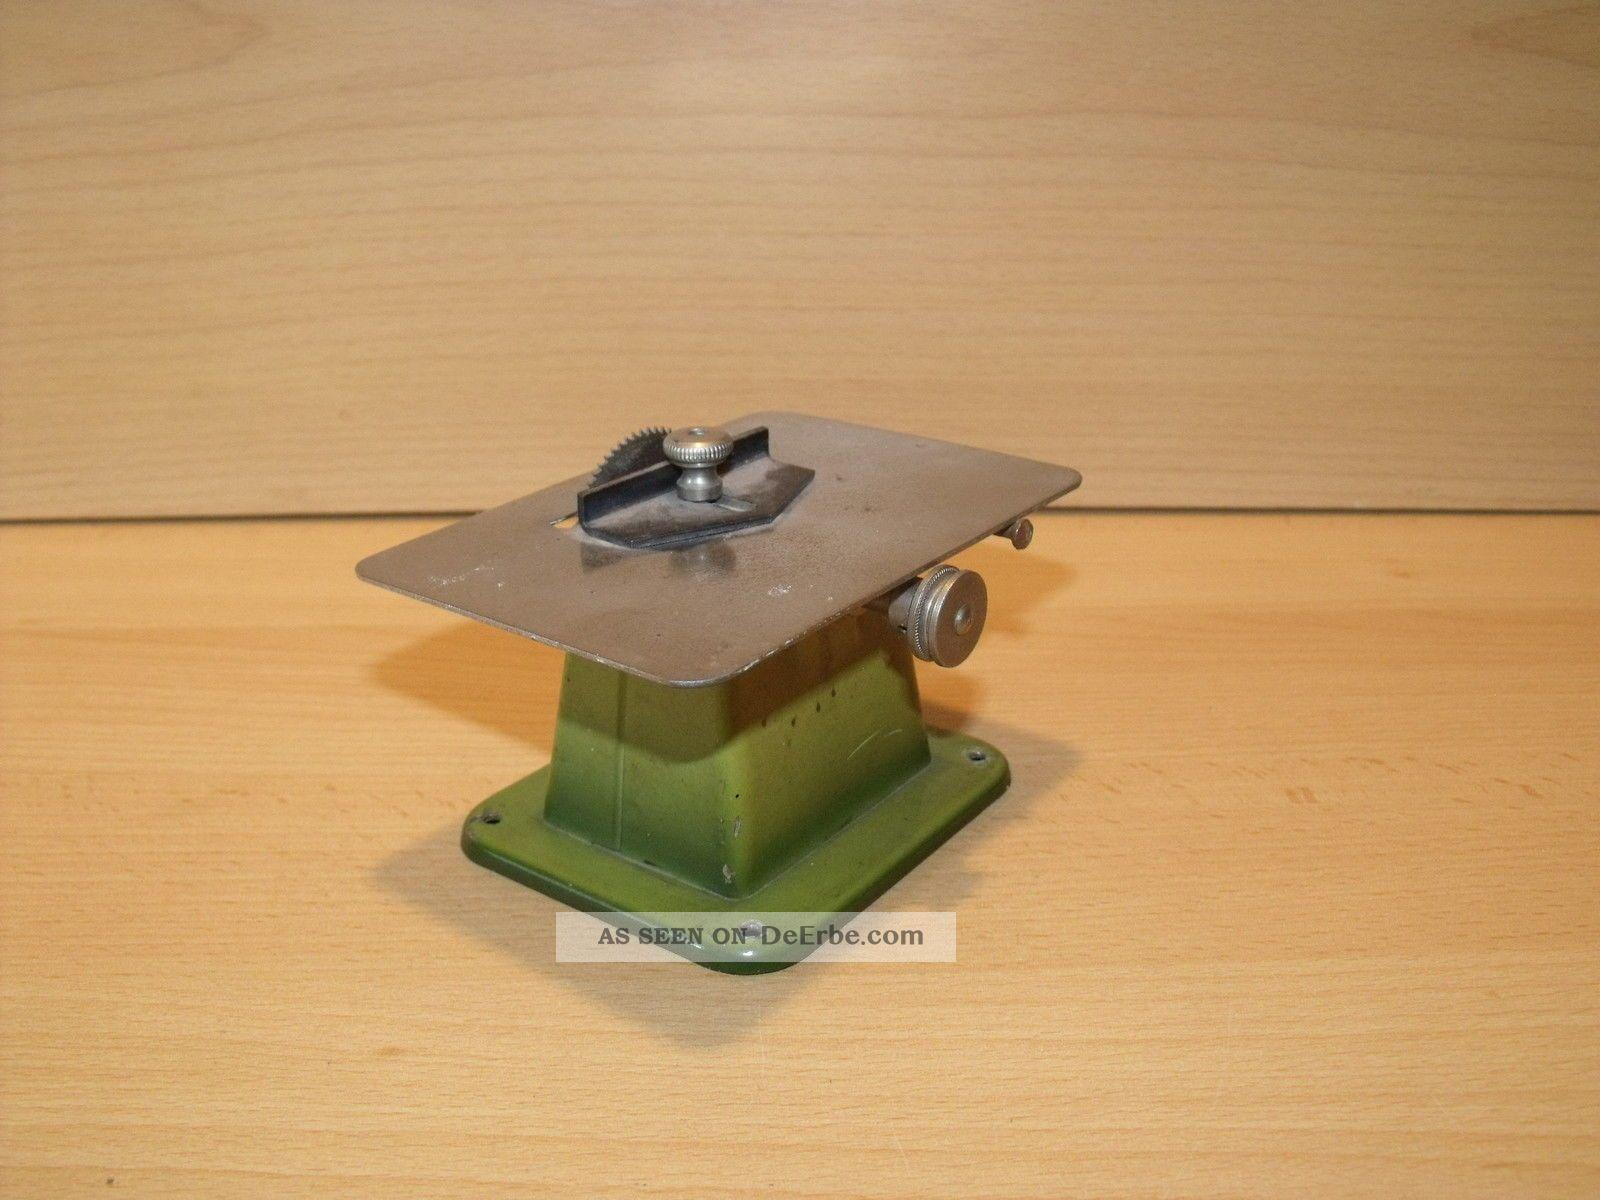 191) Märklin - Kreissäge - Antriebsmodell - Dampfmaschine - Ansehen Gefertigt vor 1945 Bild